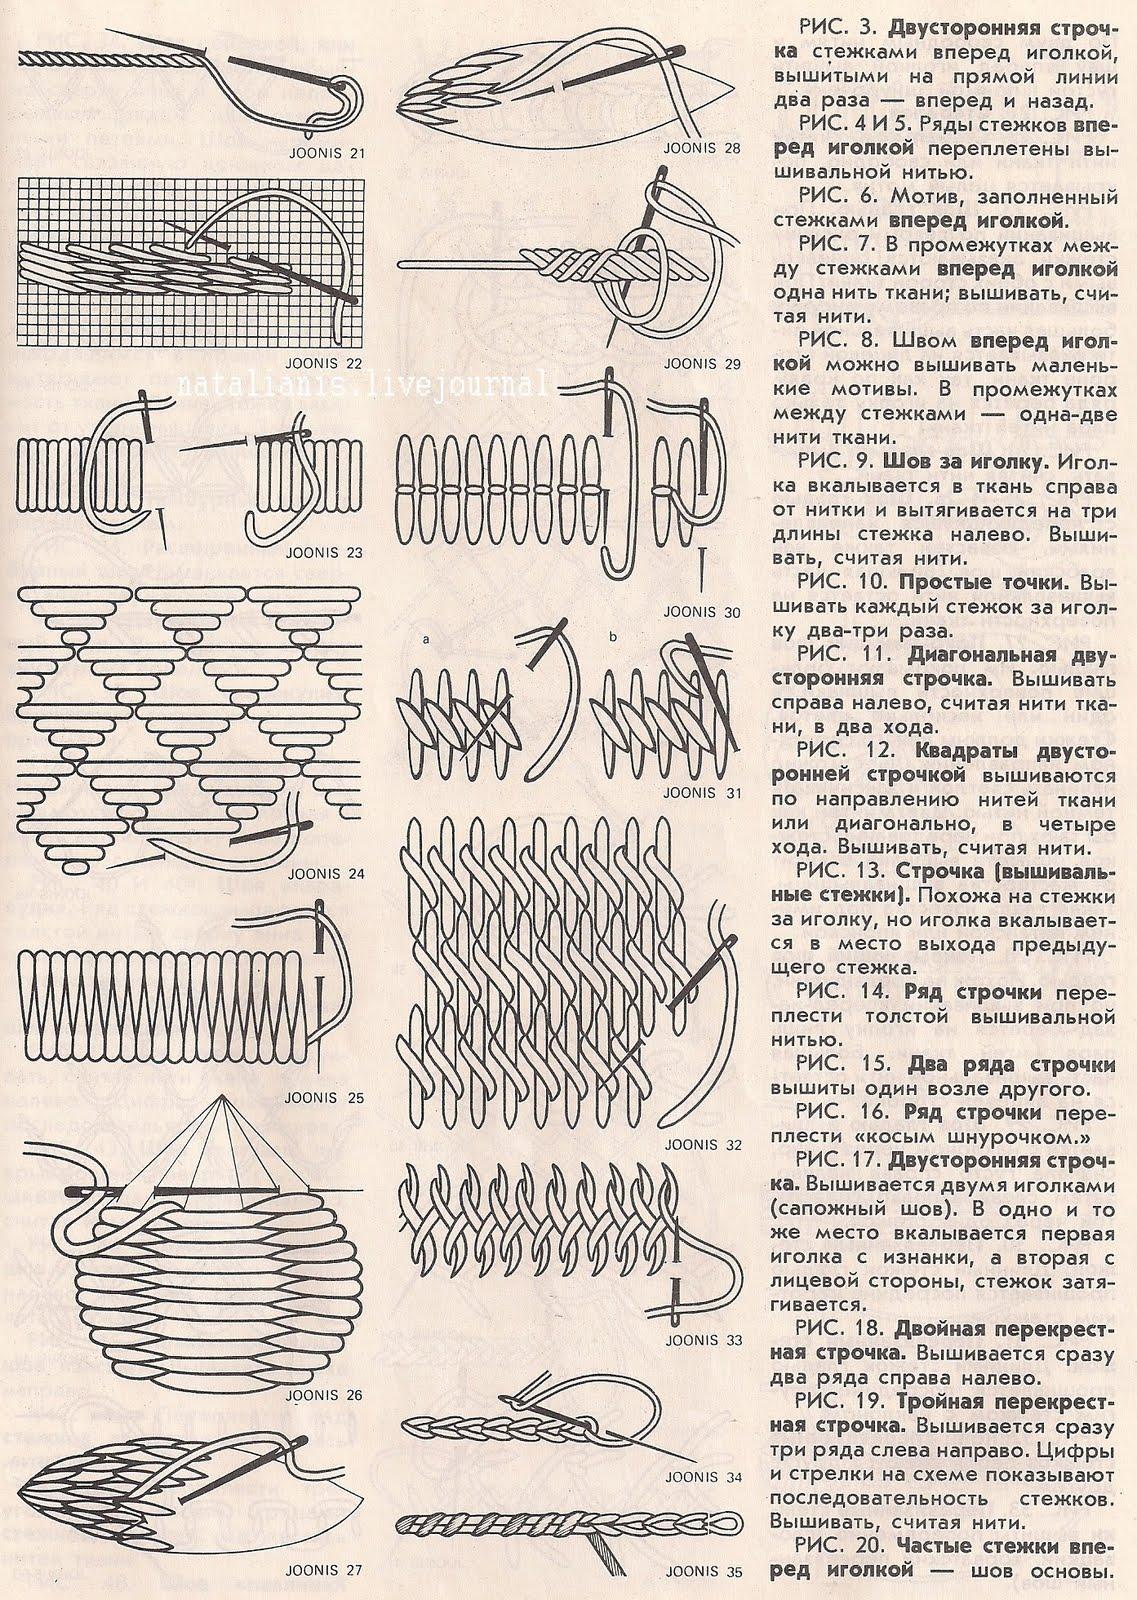 Виды швов применяемые